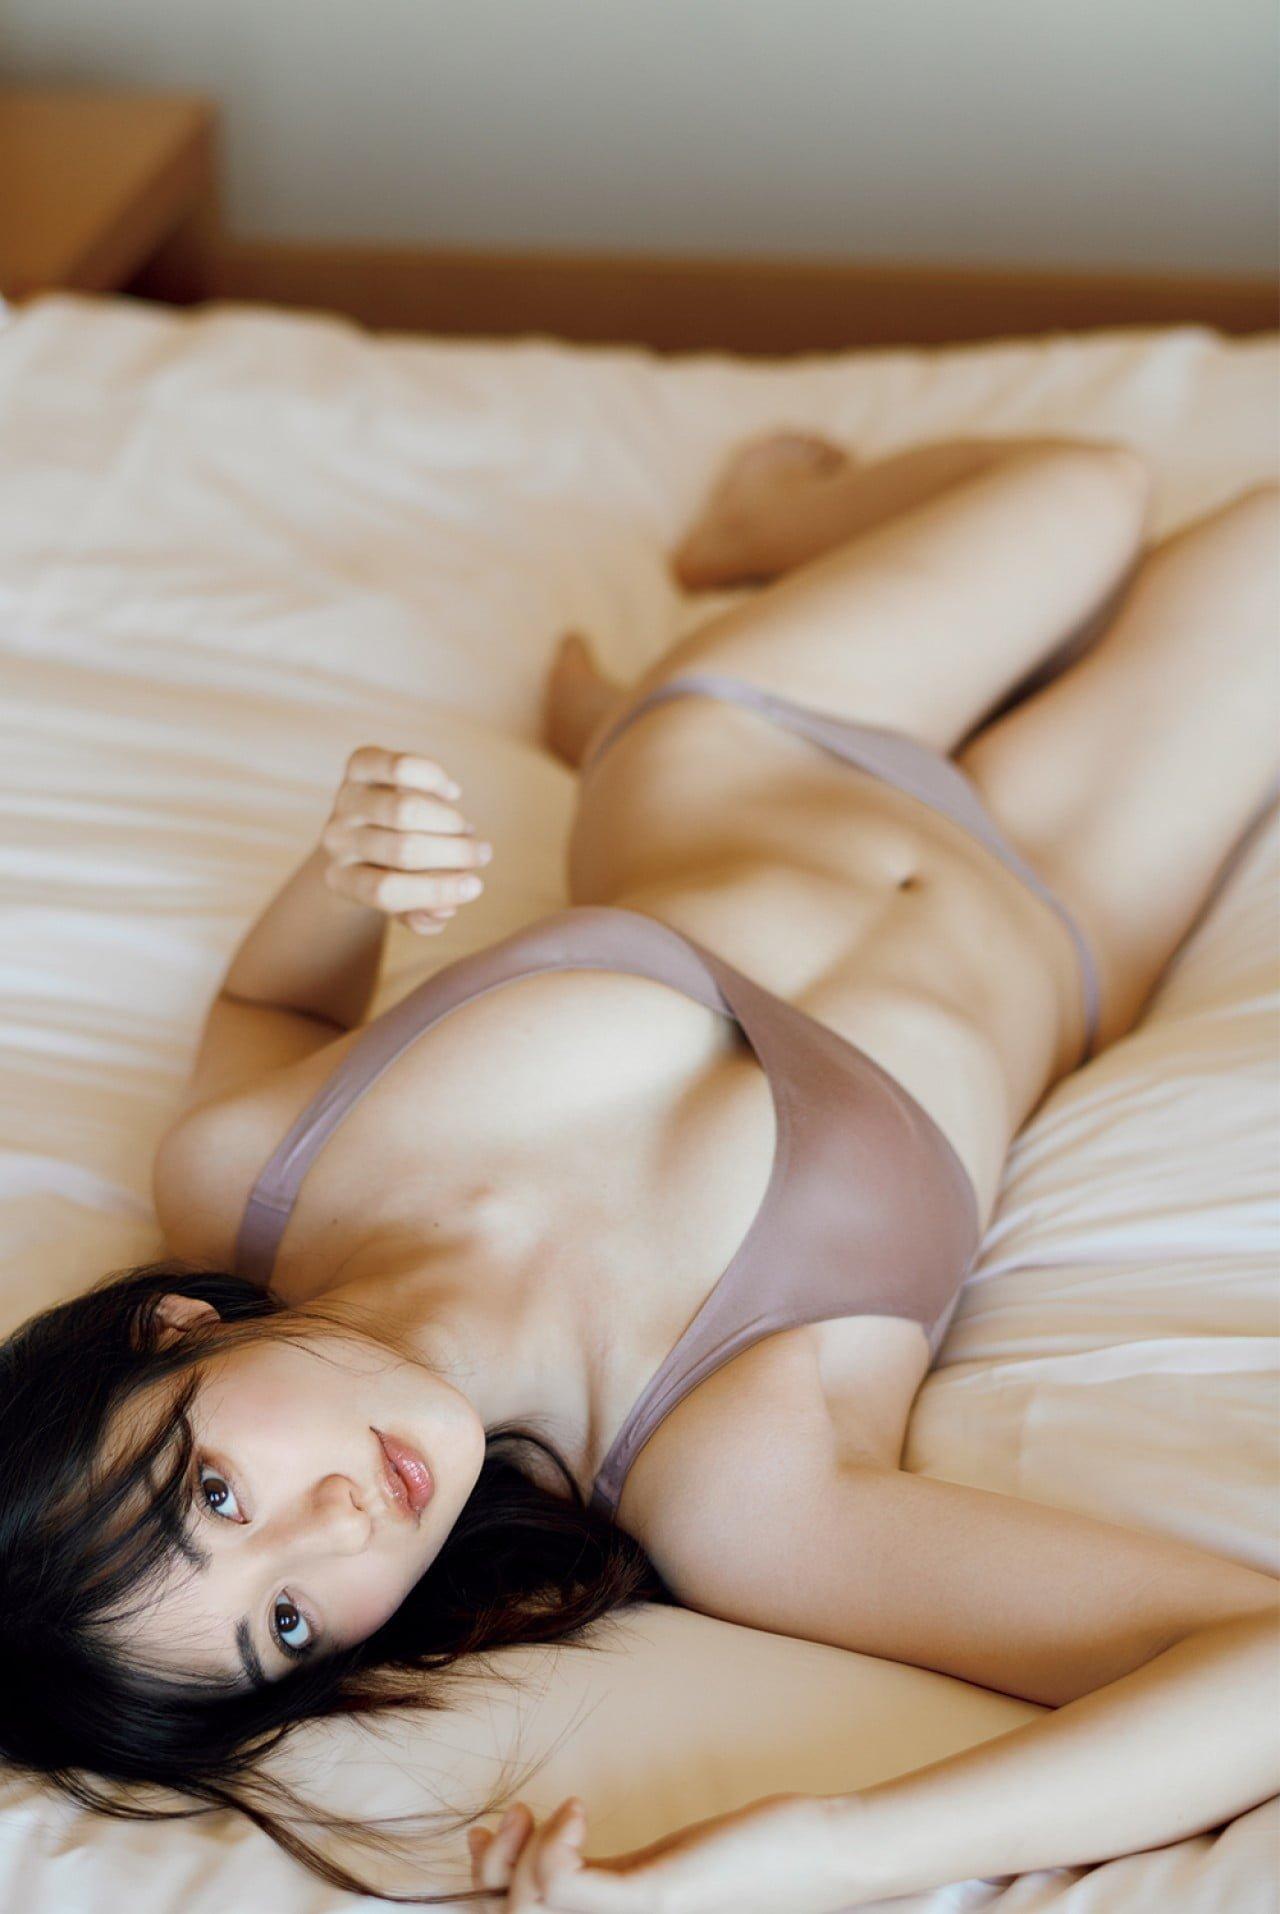 グラビアアイドル写真集|大人の美ボディにますます磨きがかかった奥山かずさグラドル画像まとめ その3125枚